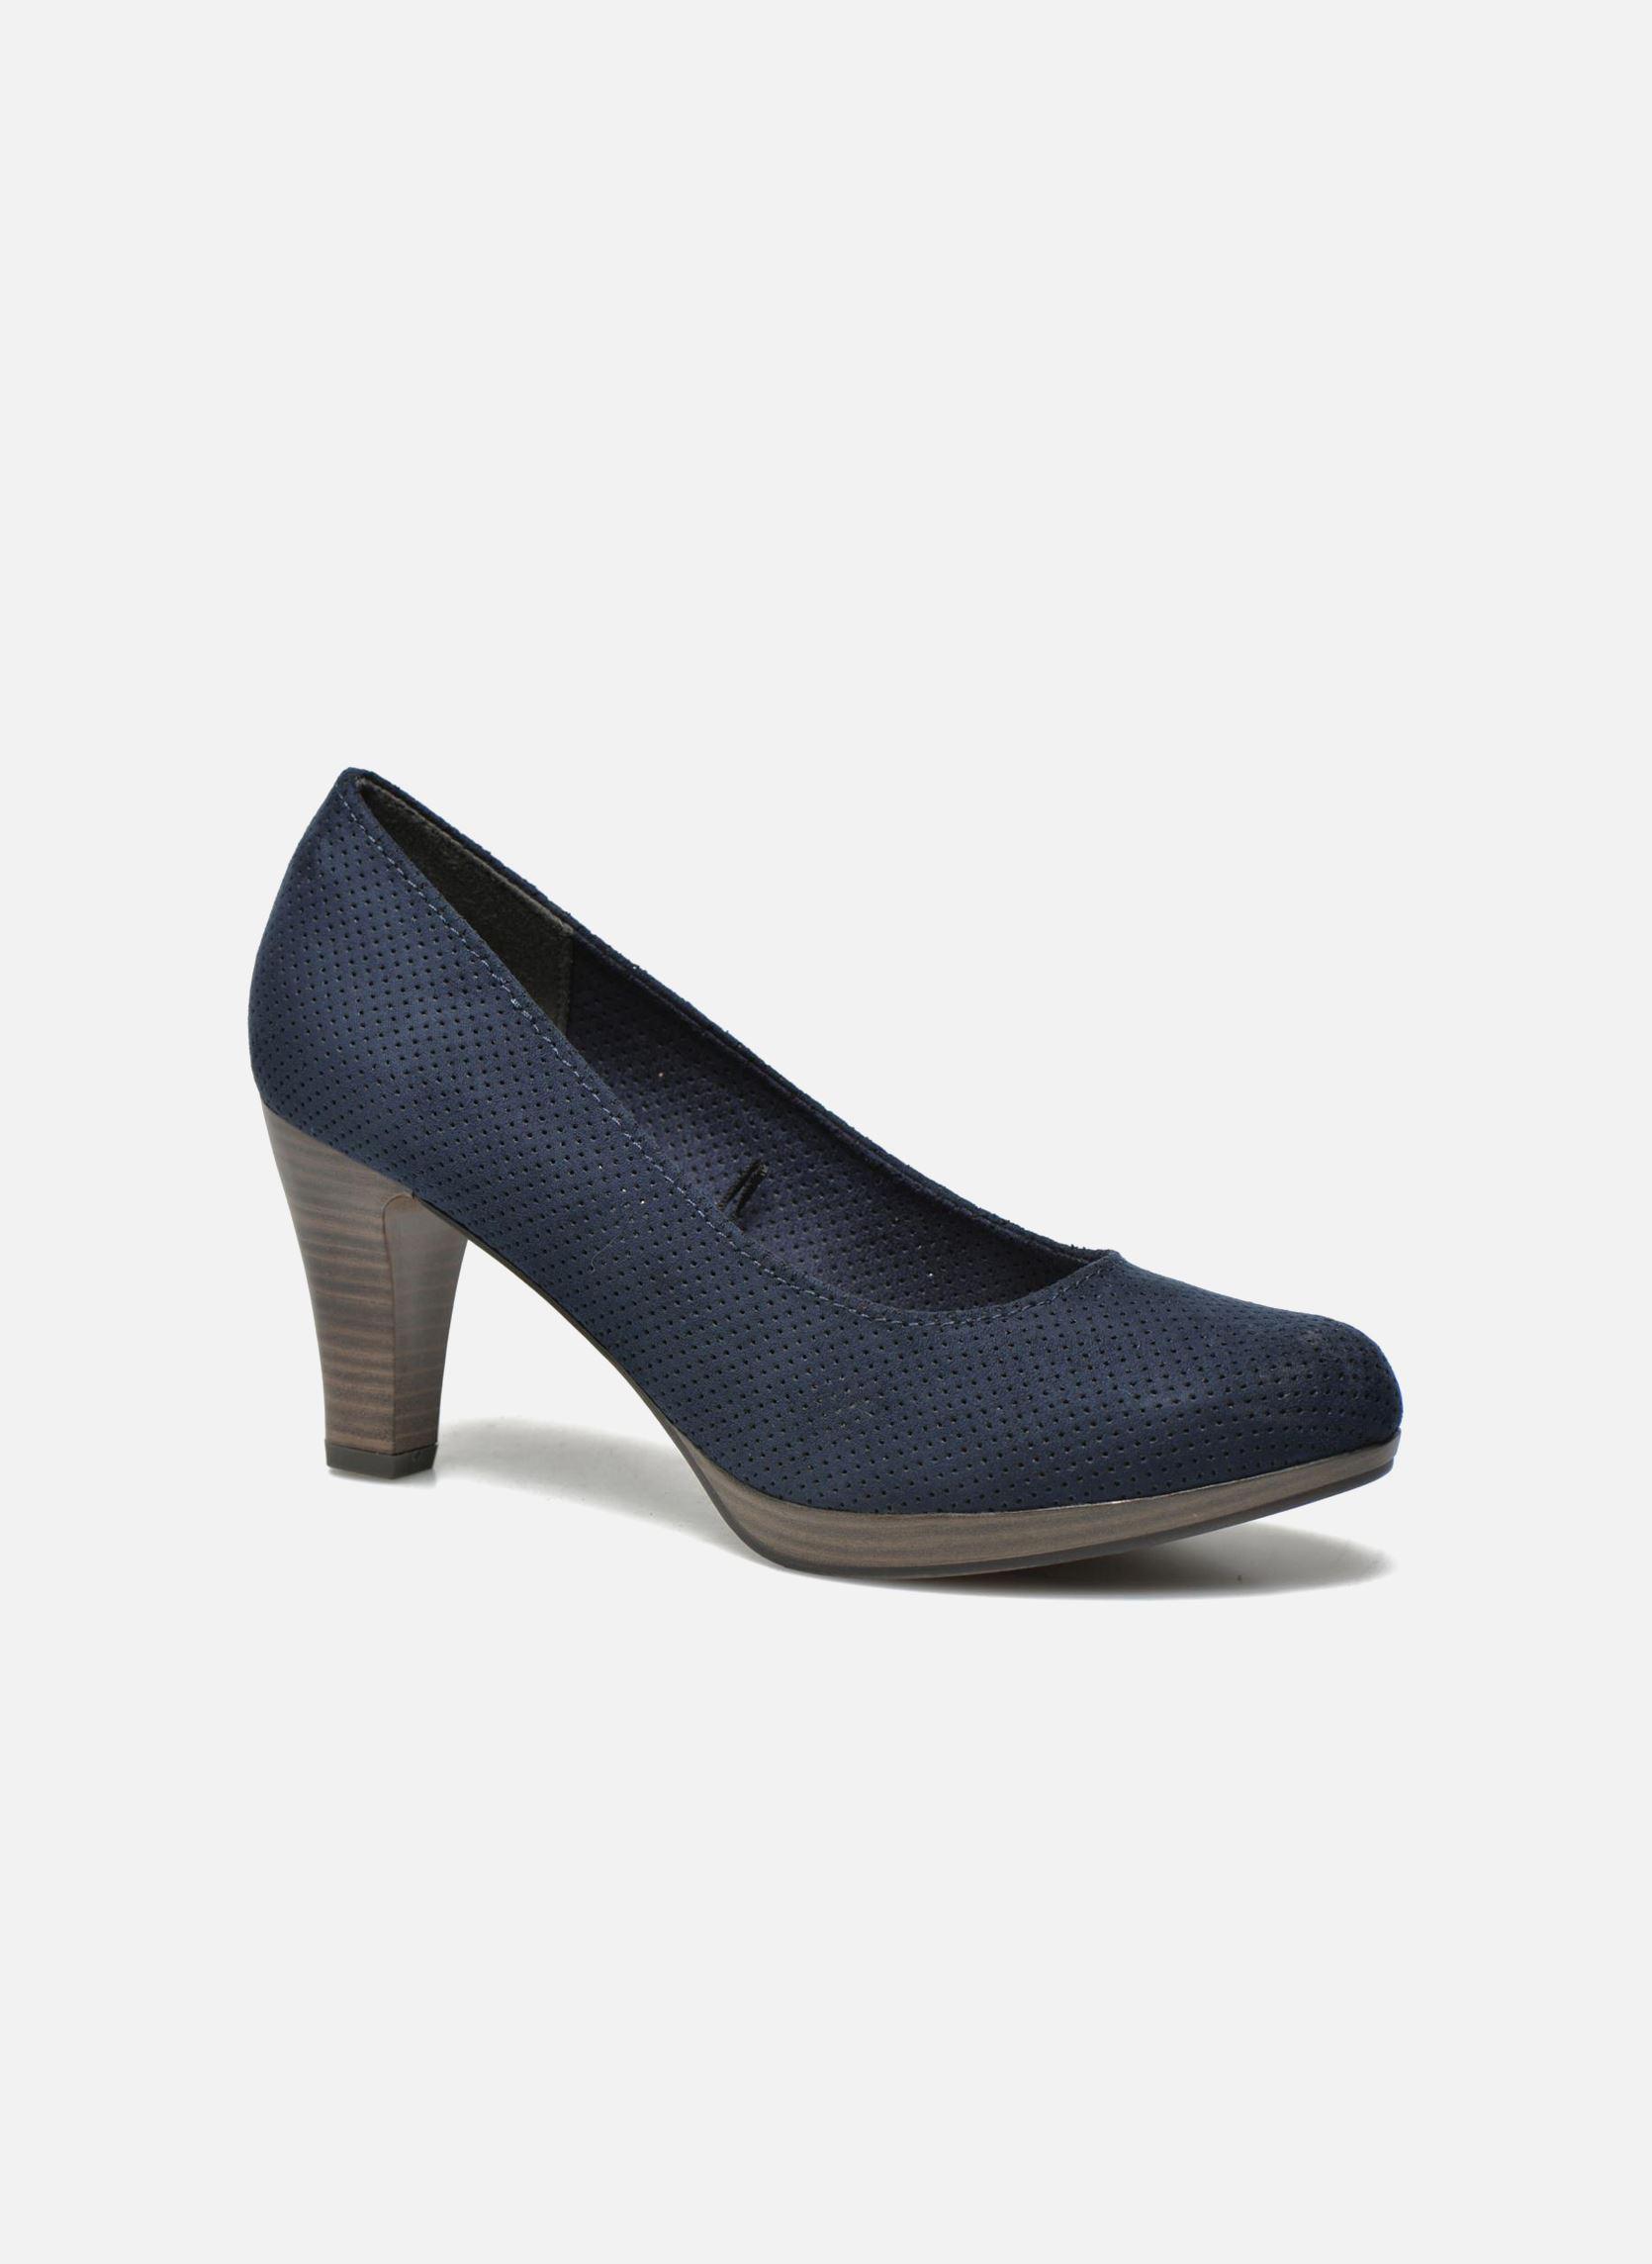 marco tozzi lolly bleu escarpins chez sarenza 243284. Black Bedroom Furniture Sets. Home Design Ideas